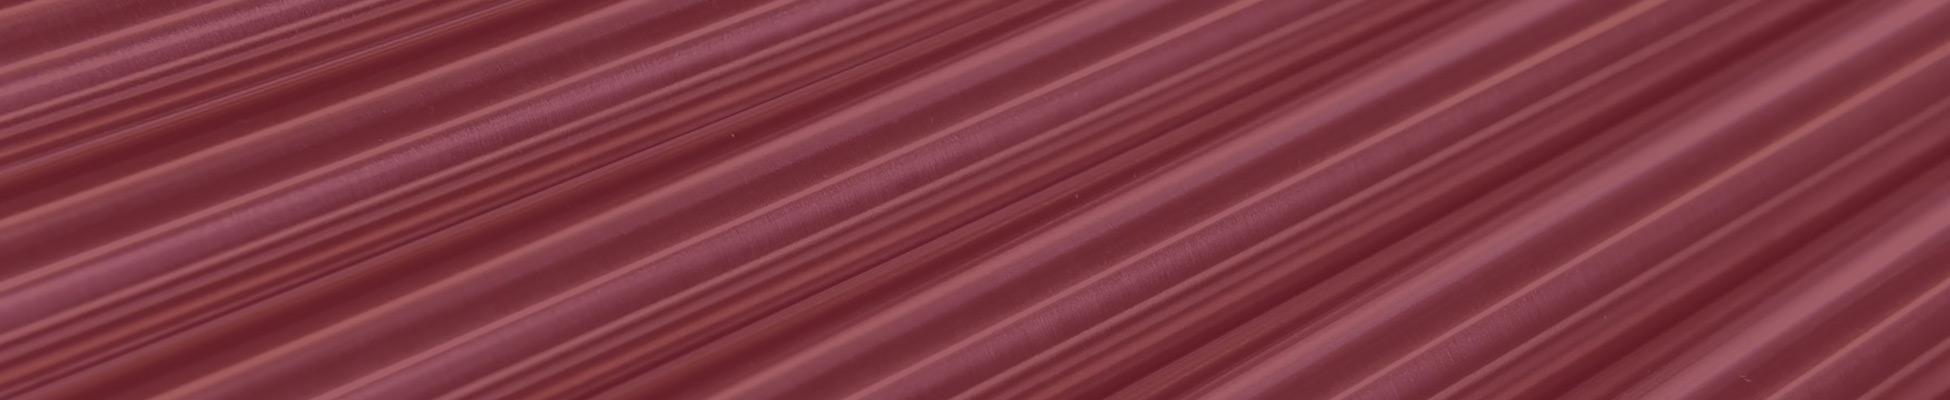 Detailaufnahme von Stahlr- oder Eisenrohren